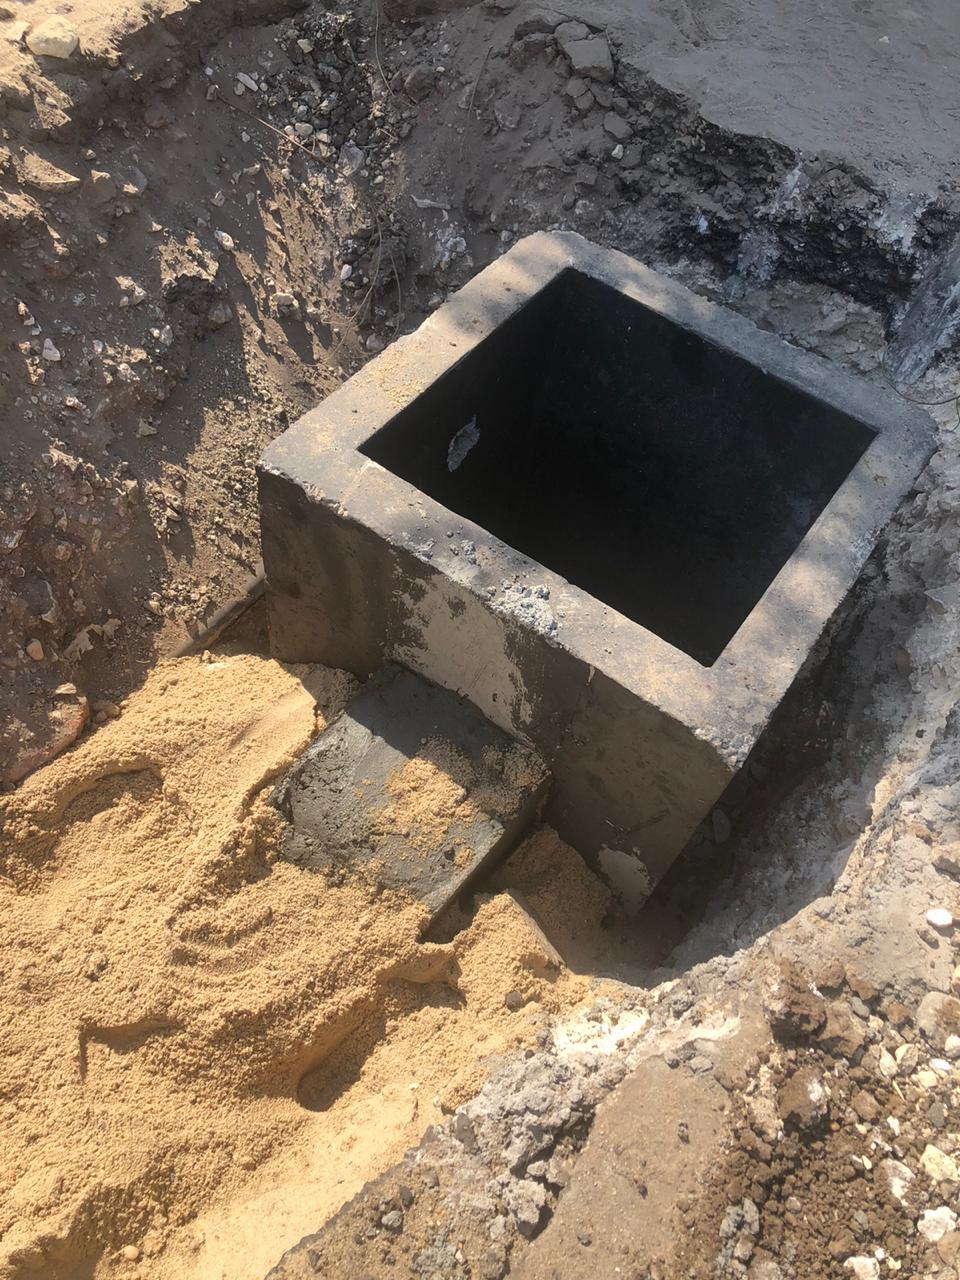 غرف الصرف الصحى